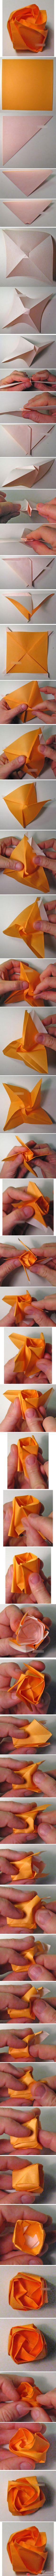 Kawasaki rose instructions